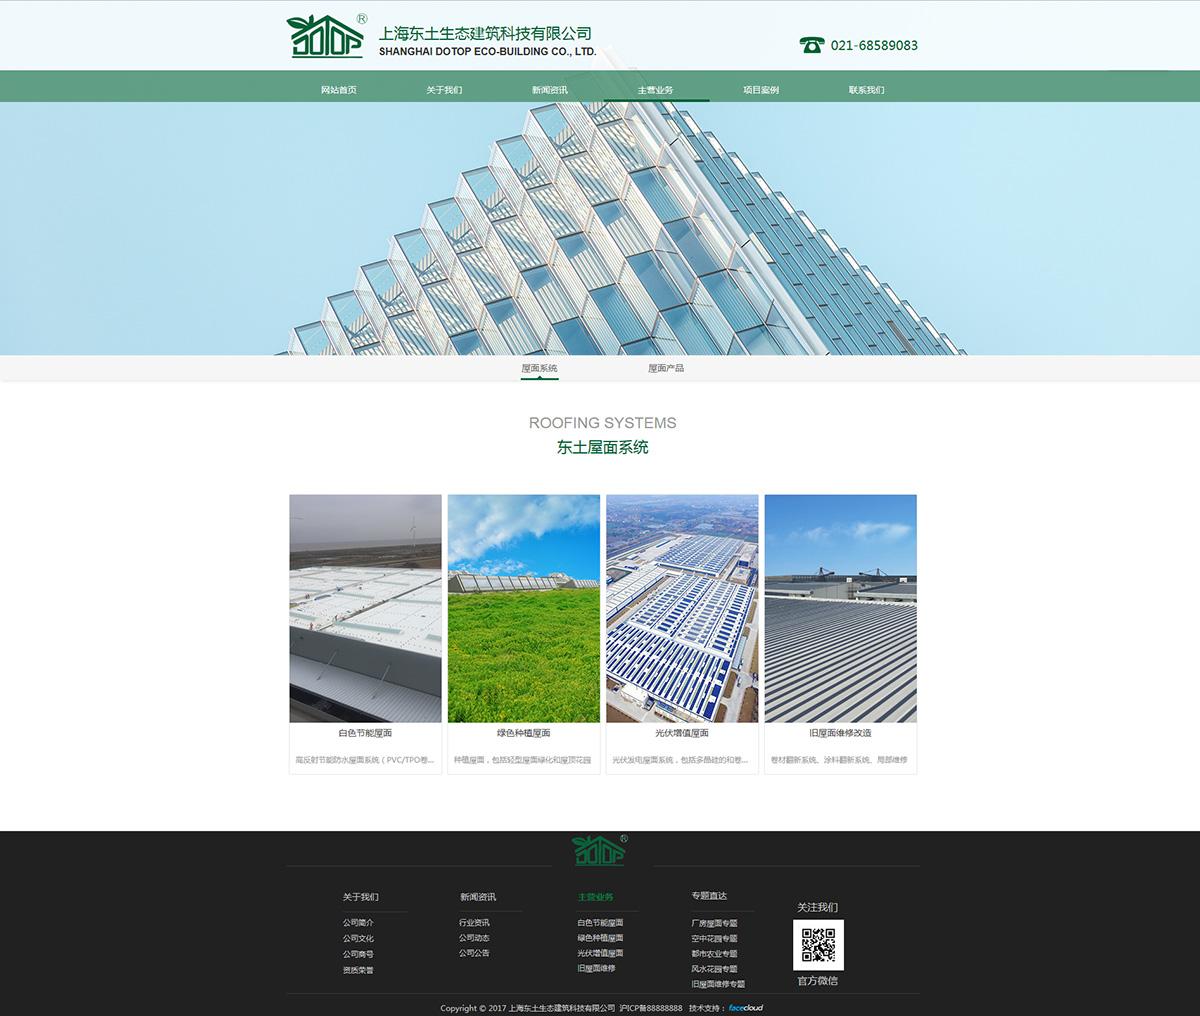 上海东土生态建筑科技有限公司_内页